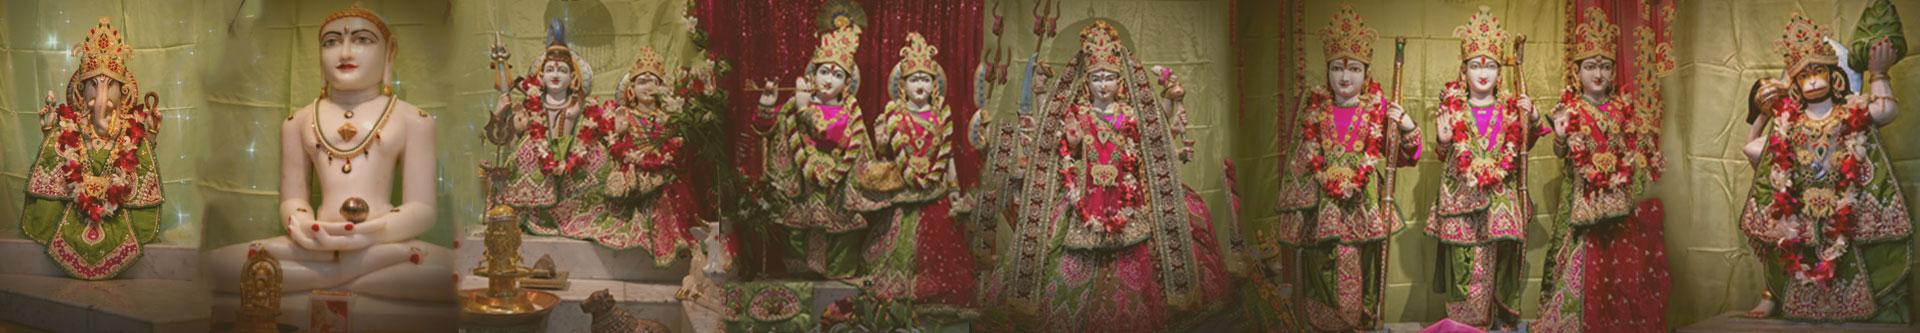 Samarpan Hindu Temple